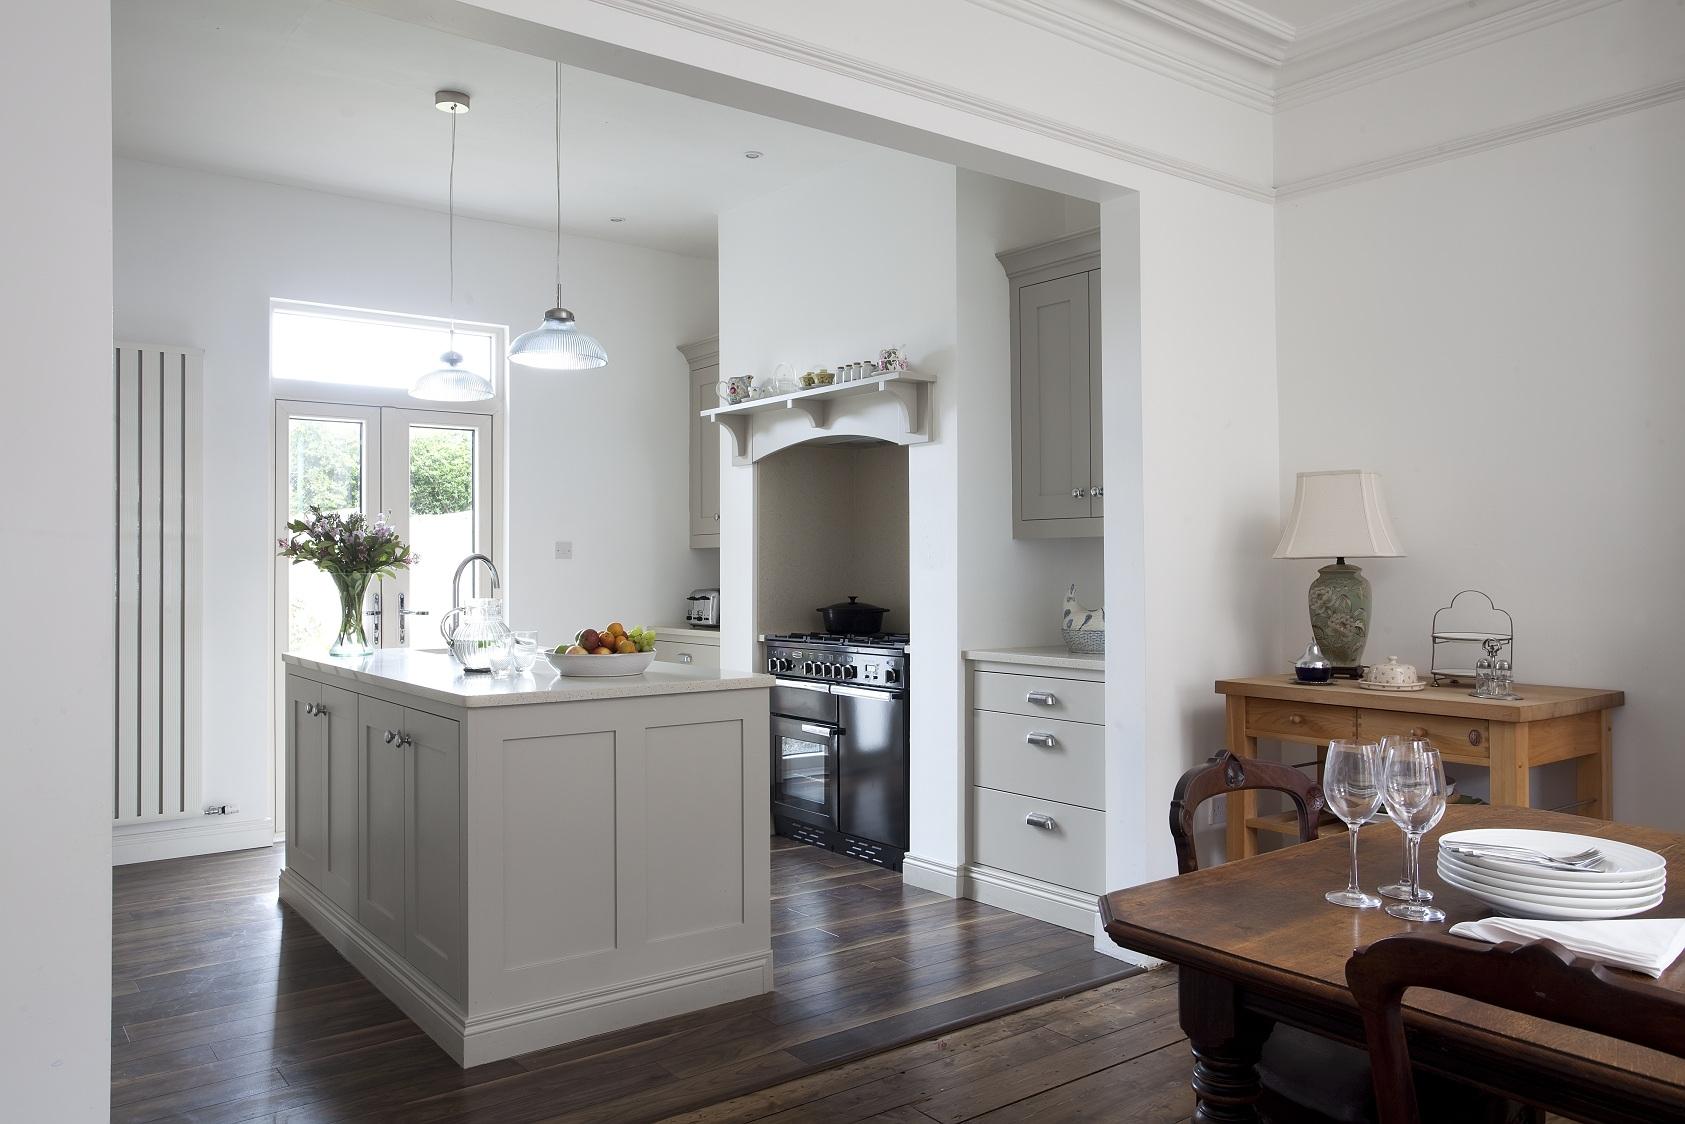 Kitchen Design English plain english kitchen design - ireland — noel dempsey design